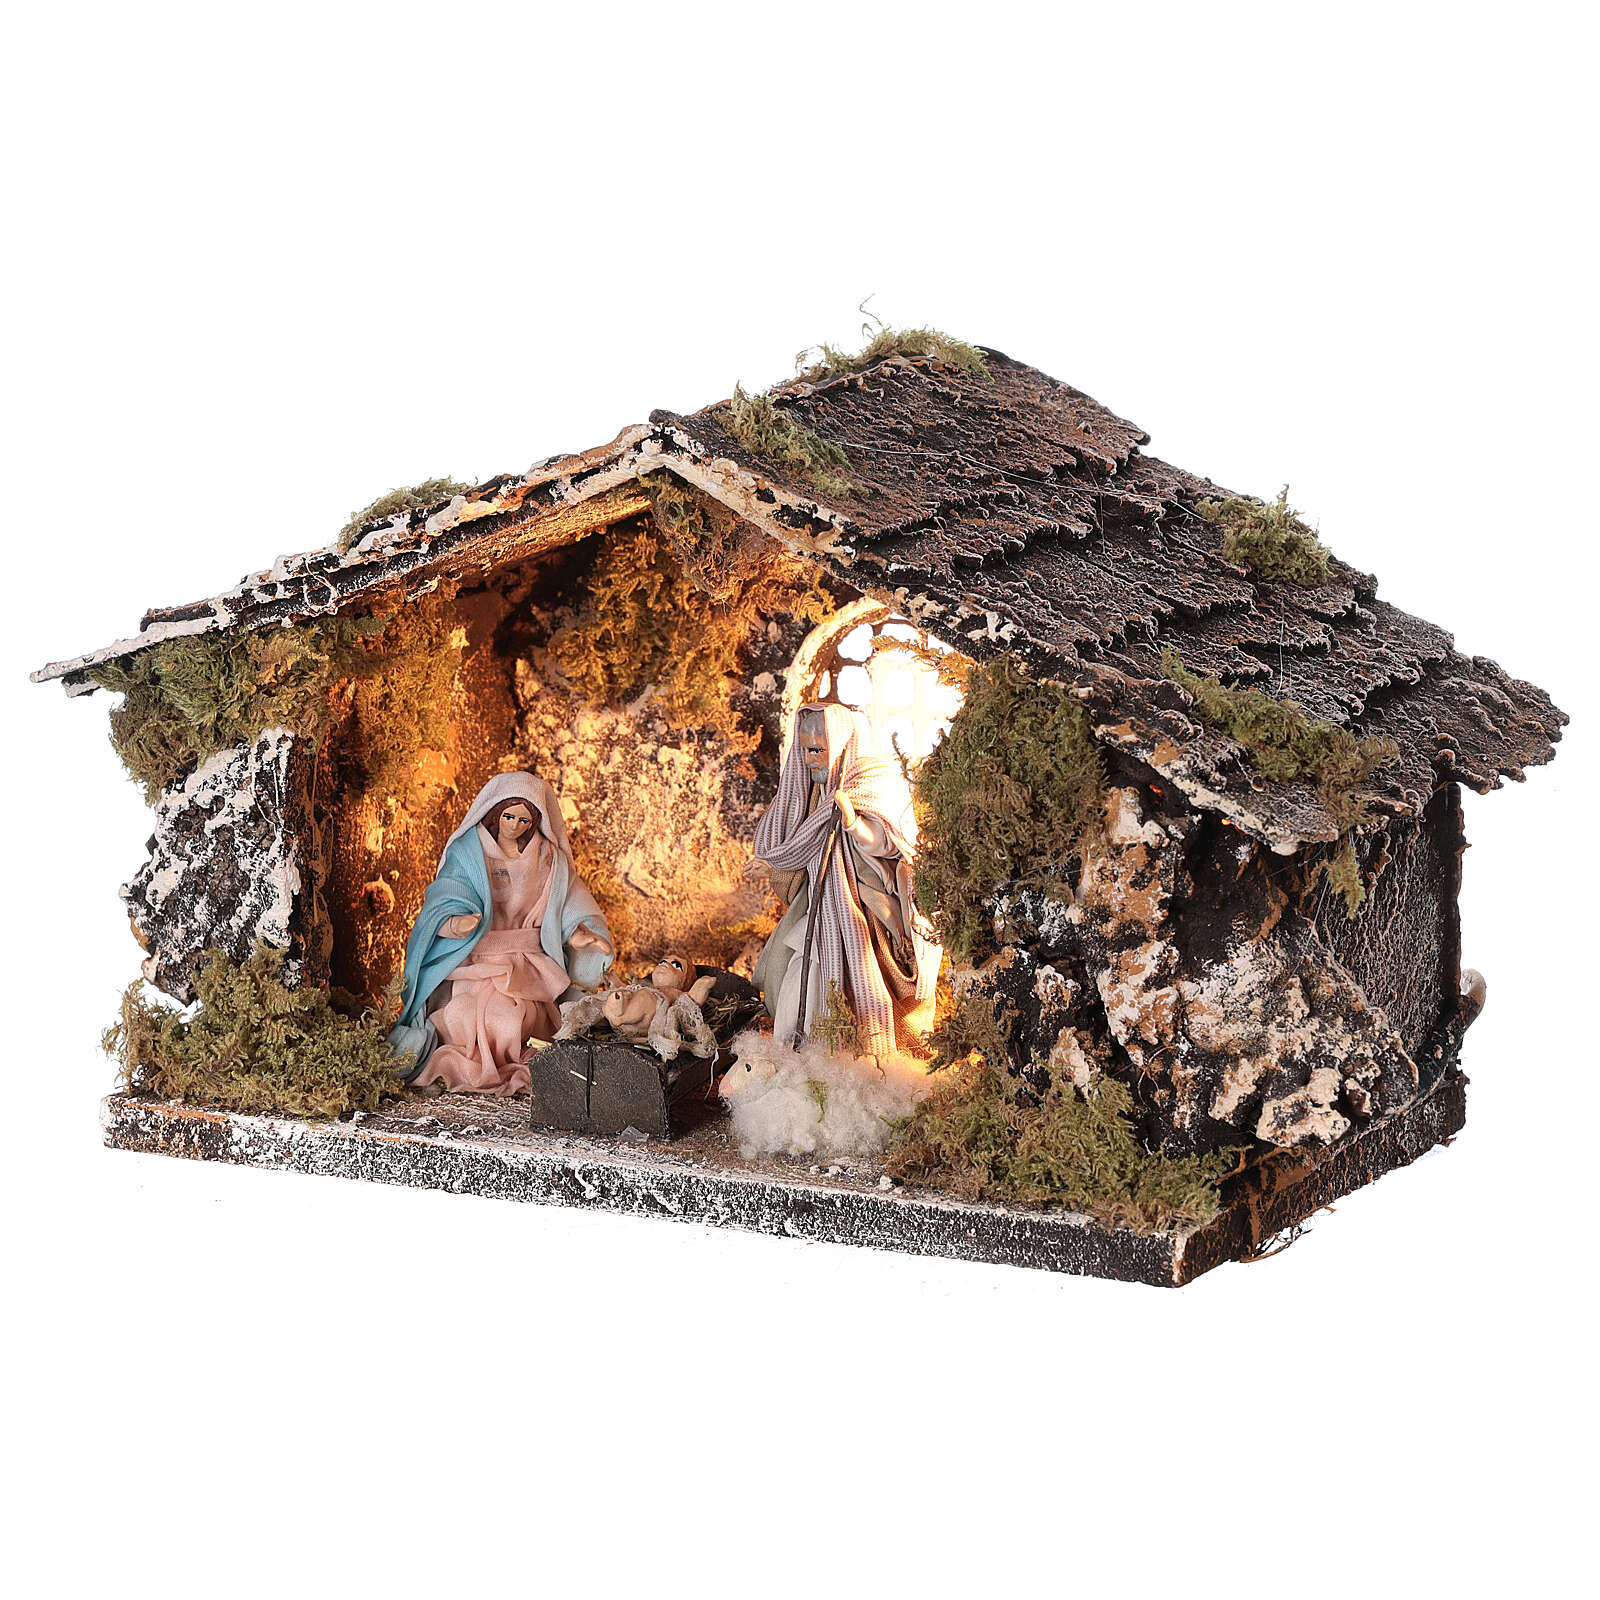 Capanna completa statue terracotta stoffa 8 cm presepe napoletano 15x30x15 cm 4